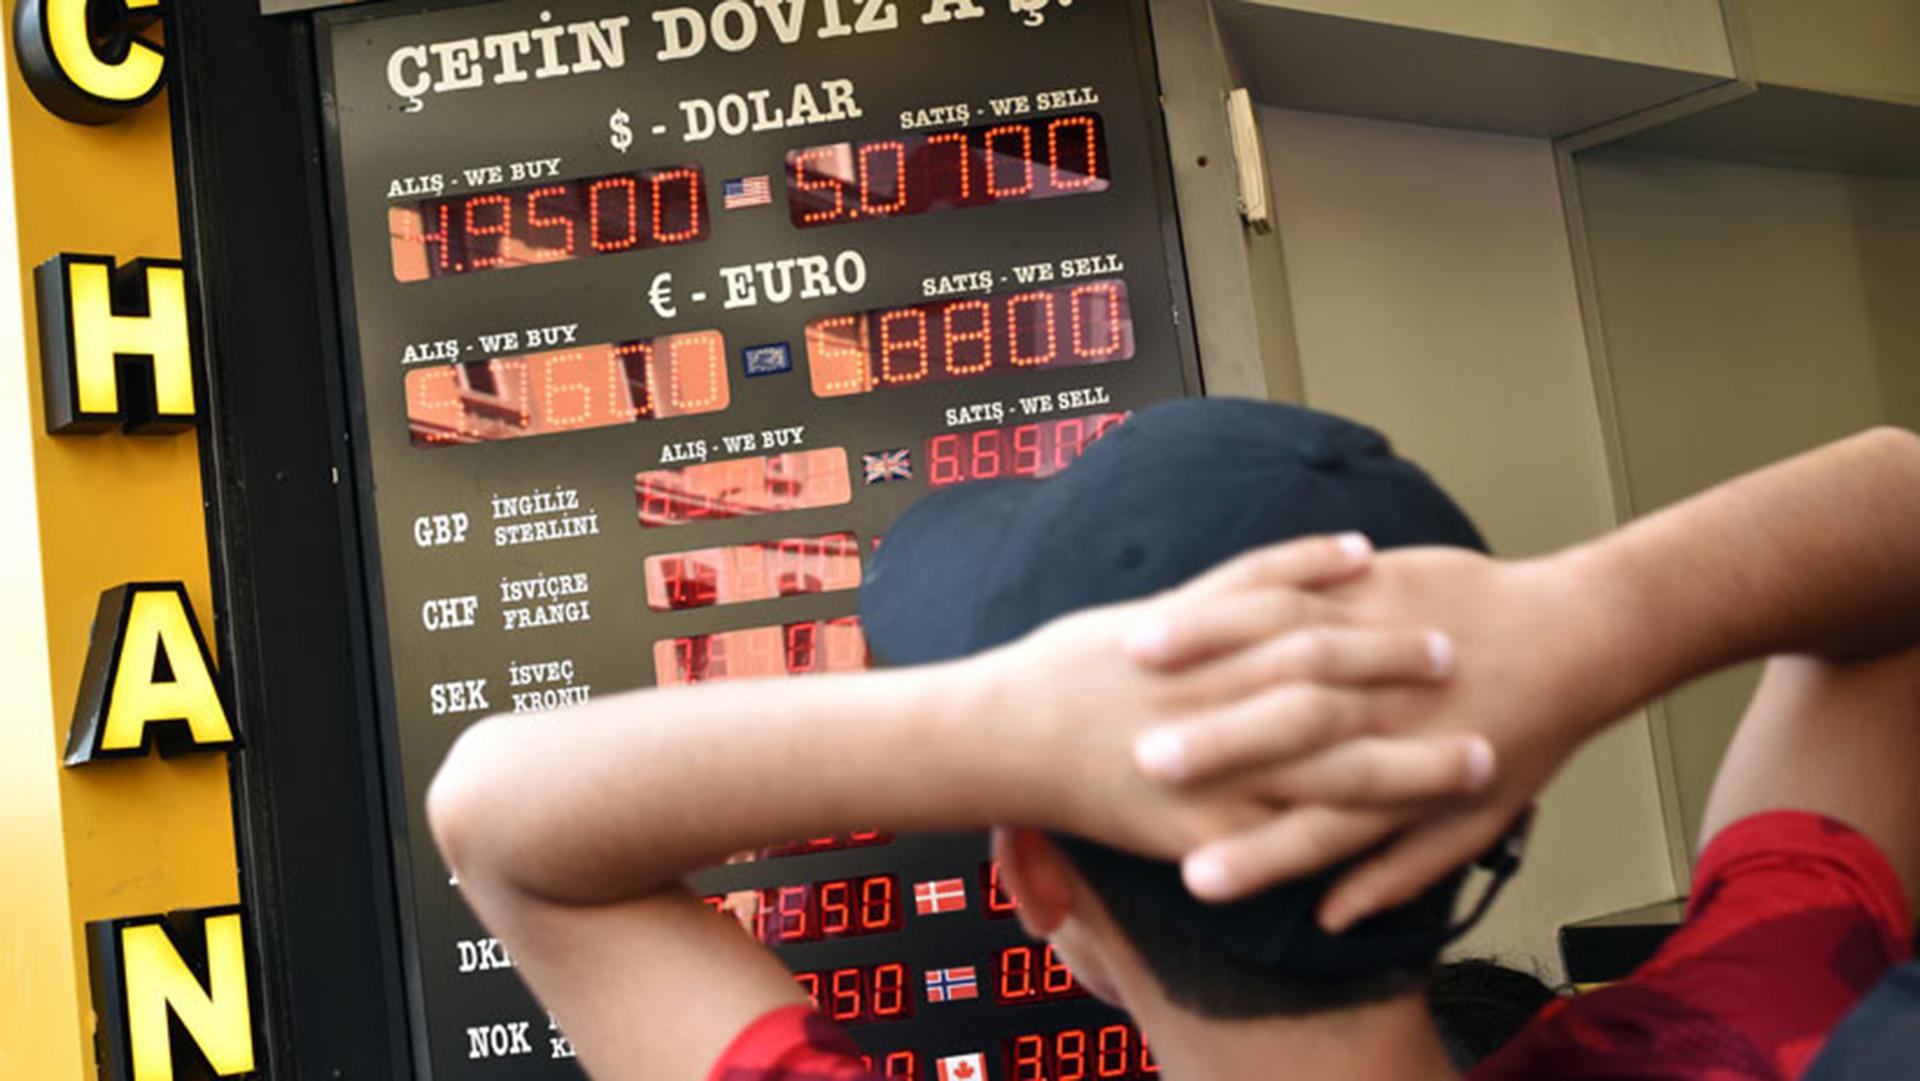 El desplome de la lira turca pone bajo mayor presión a la cotización local  del dólar - Infobae